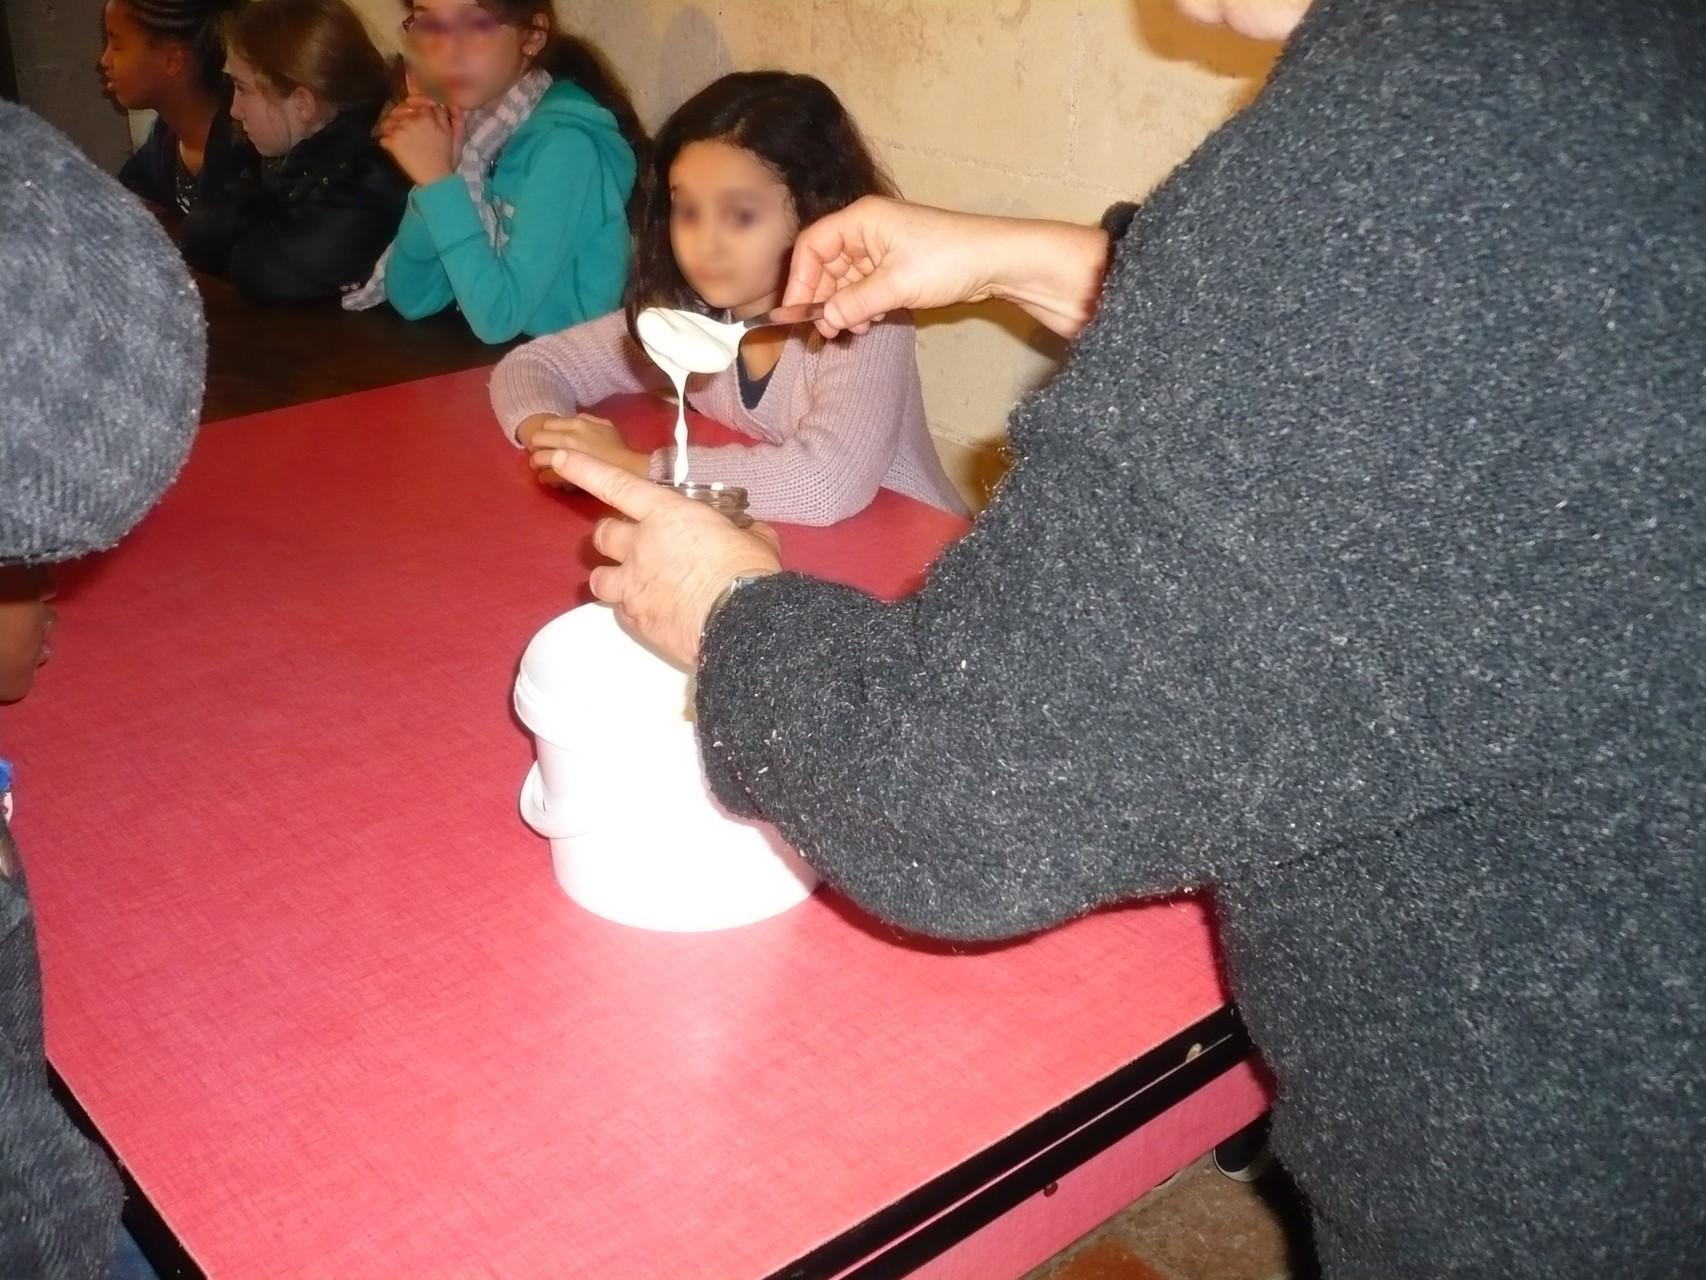 Des petits pots sont remplis de crème © UNAT Centre